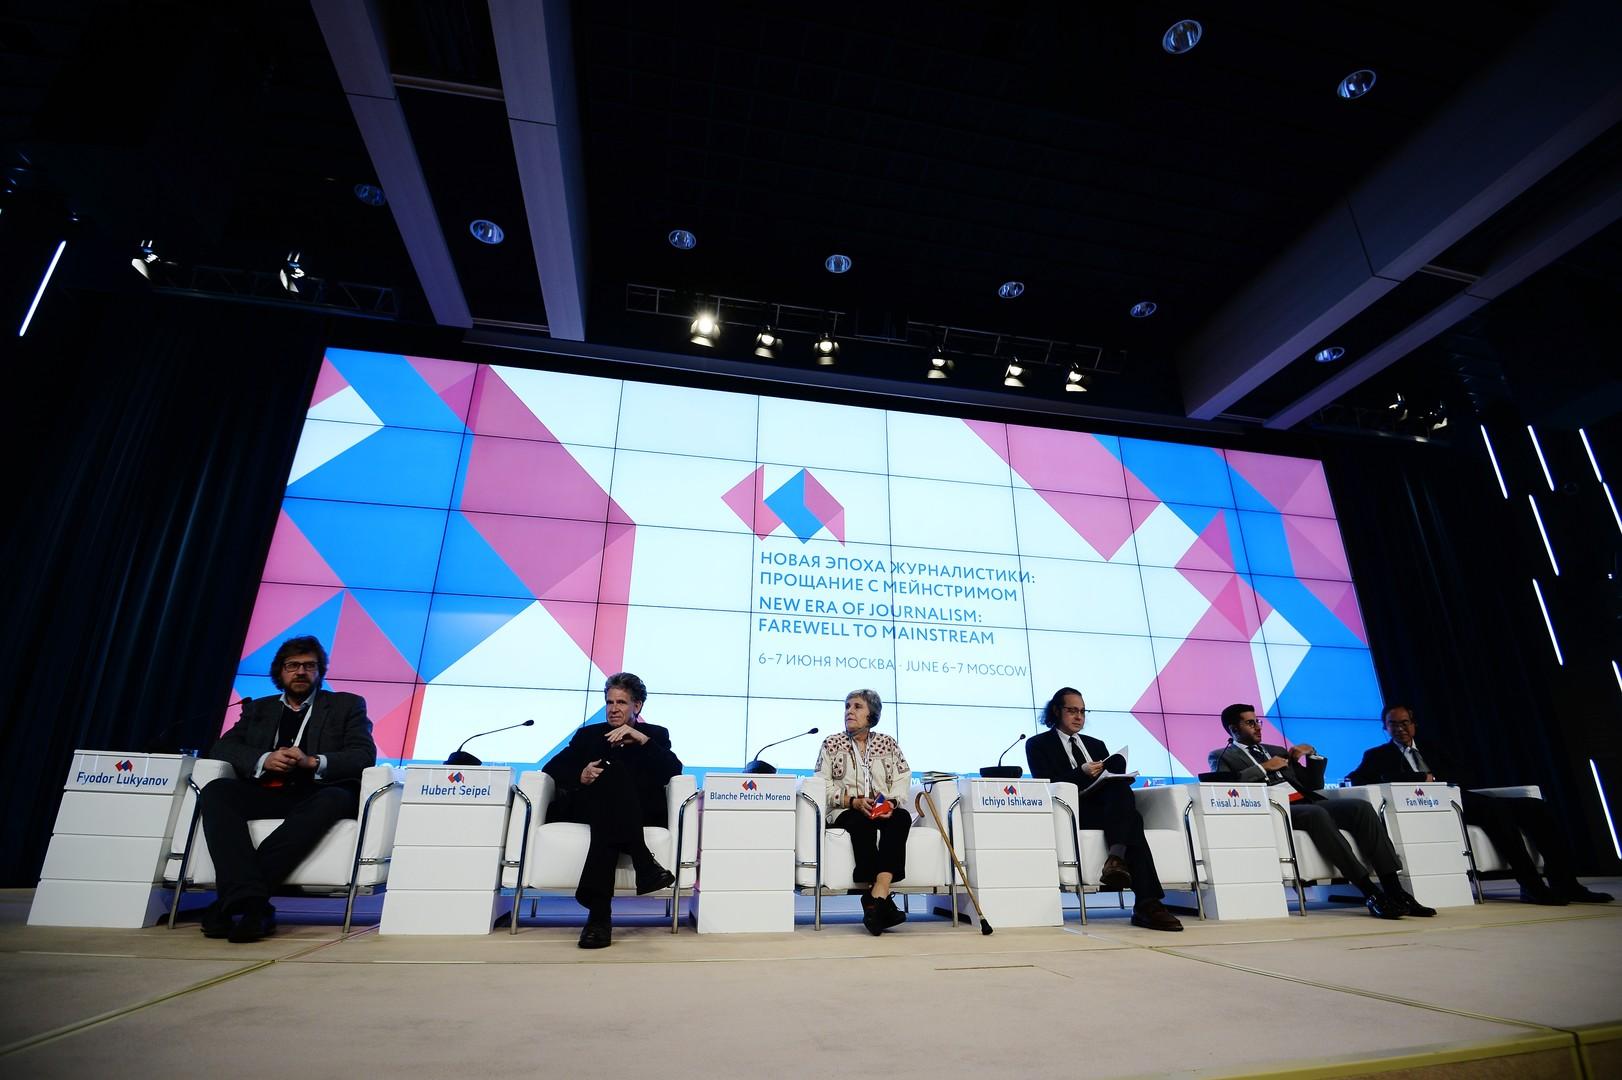 Участники московского медиафорума в интервью RT: На смену мейнстриму приходят новые СМИ